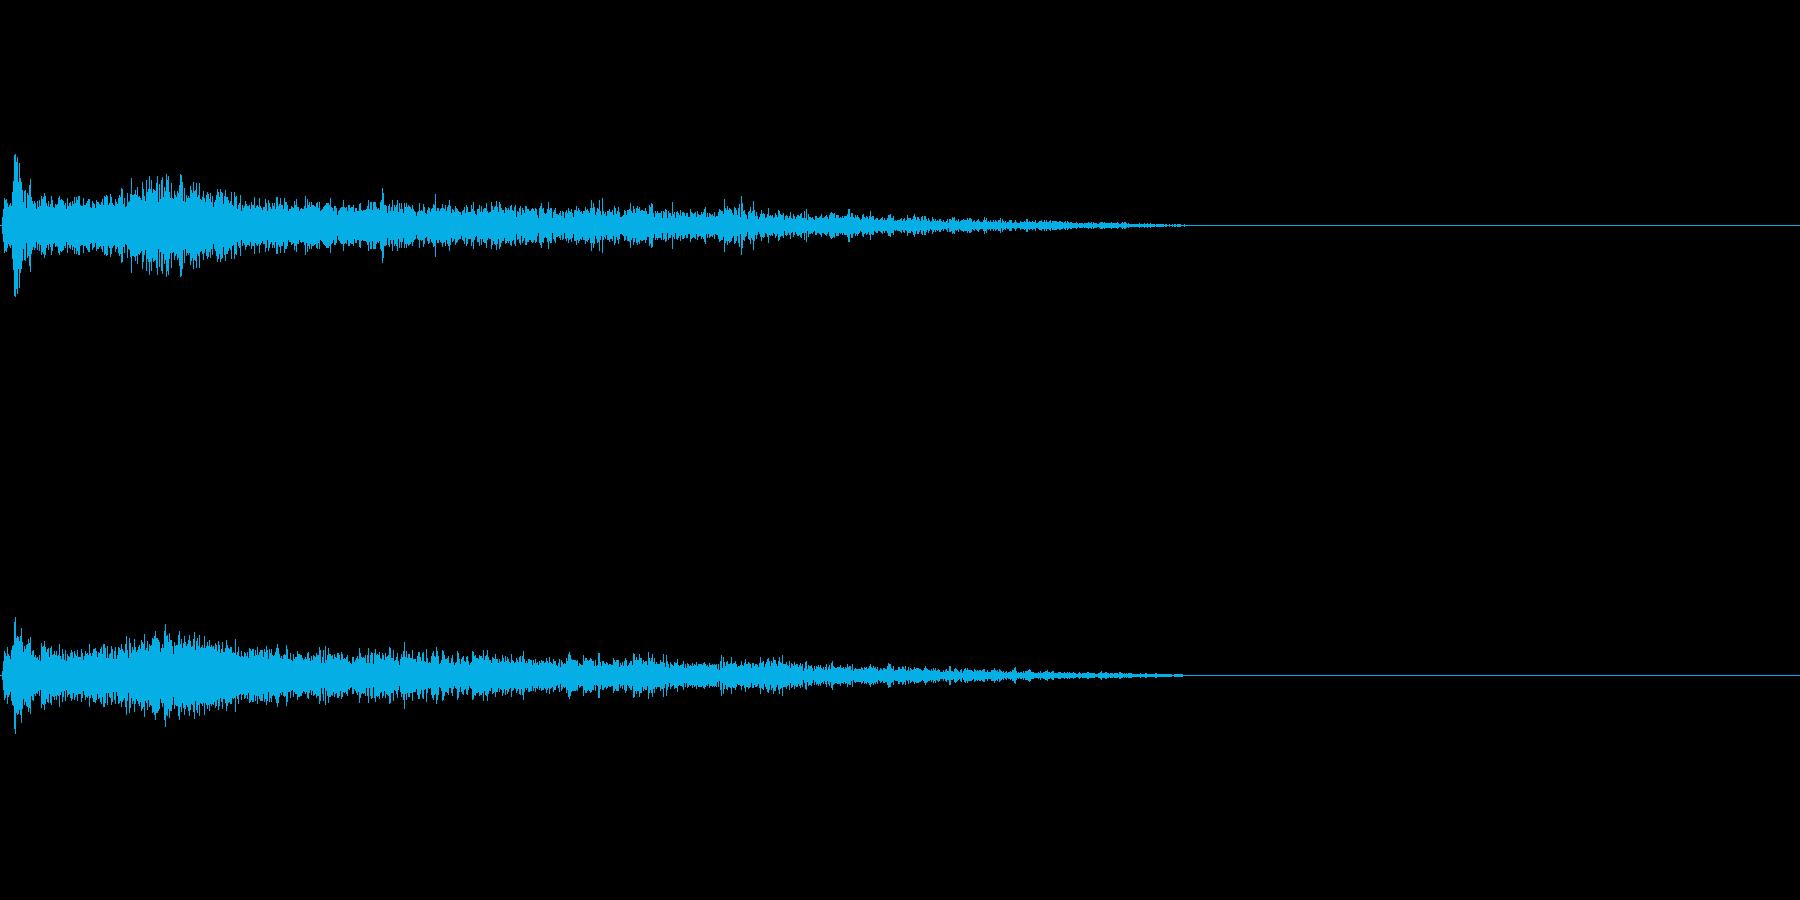 Eメジャー インパクト音 衝撃音の再生済みの波形